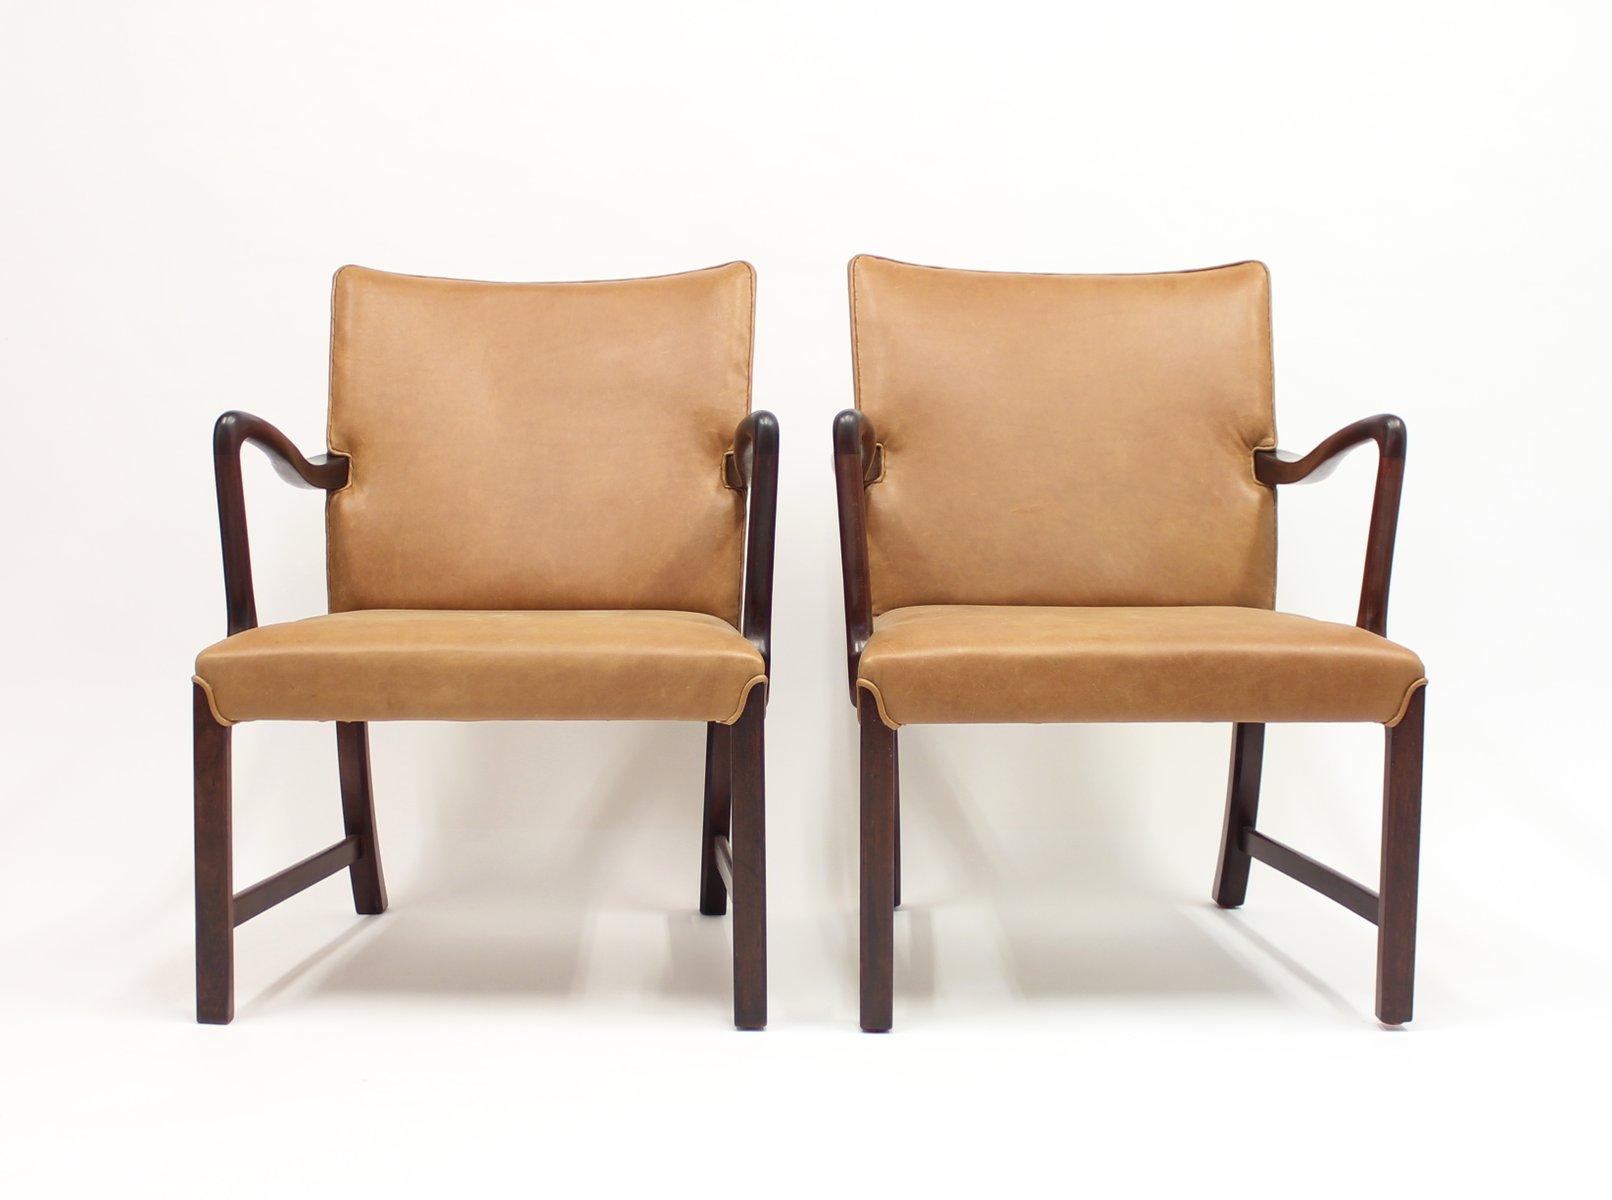 d nische 1756 sessel von ole wanscher f r fritz hansen 1940er 2er set bei pamono kaufen. Black Bedroom Furniture Sets. Home Design Ideas